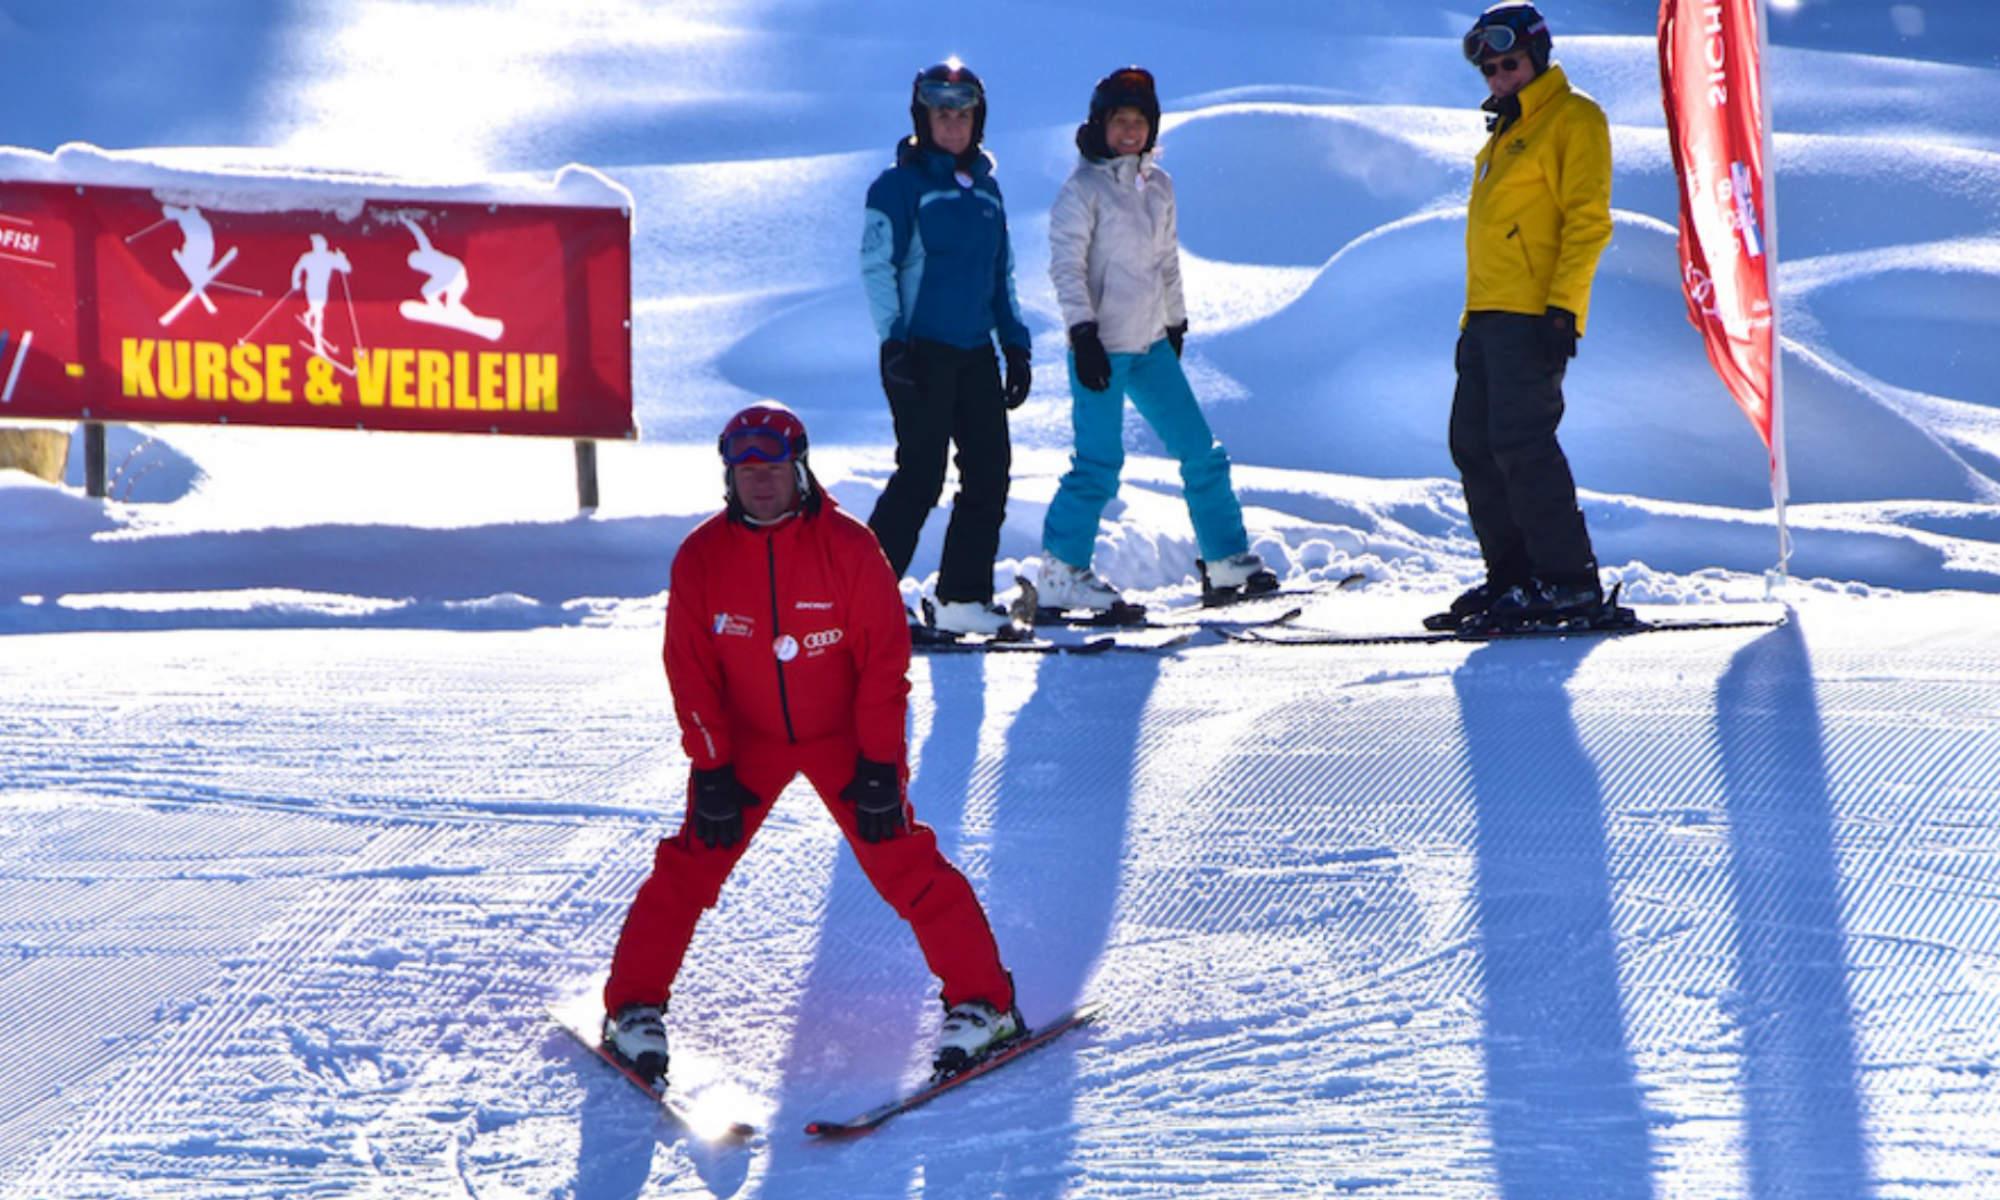 Ein Skilehrer der Neuen Skischule Oberstdorf zeigt den Pflug vor.